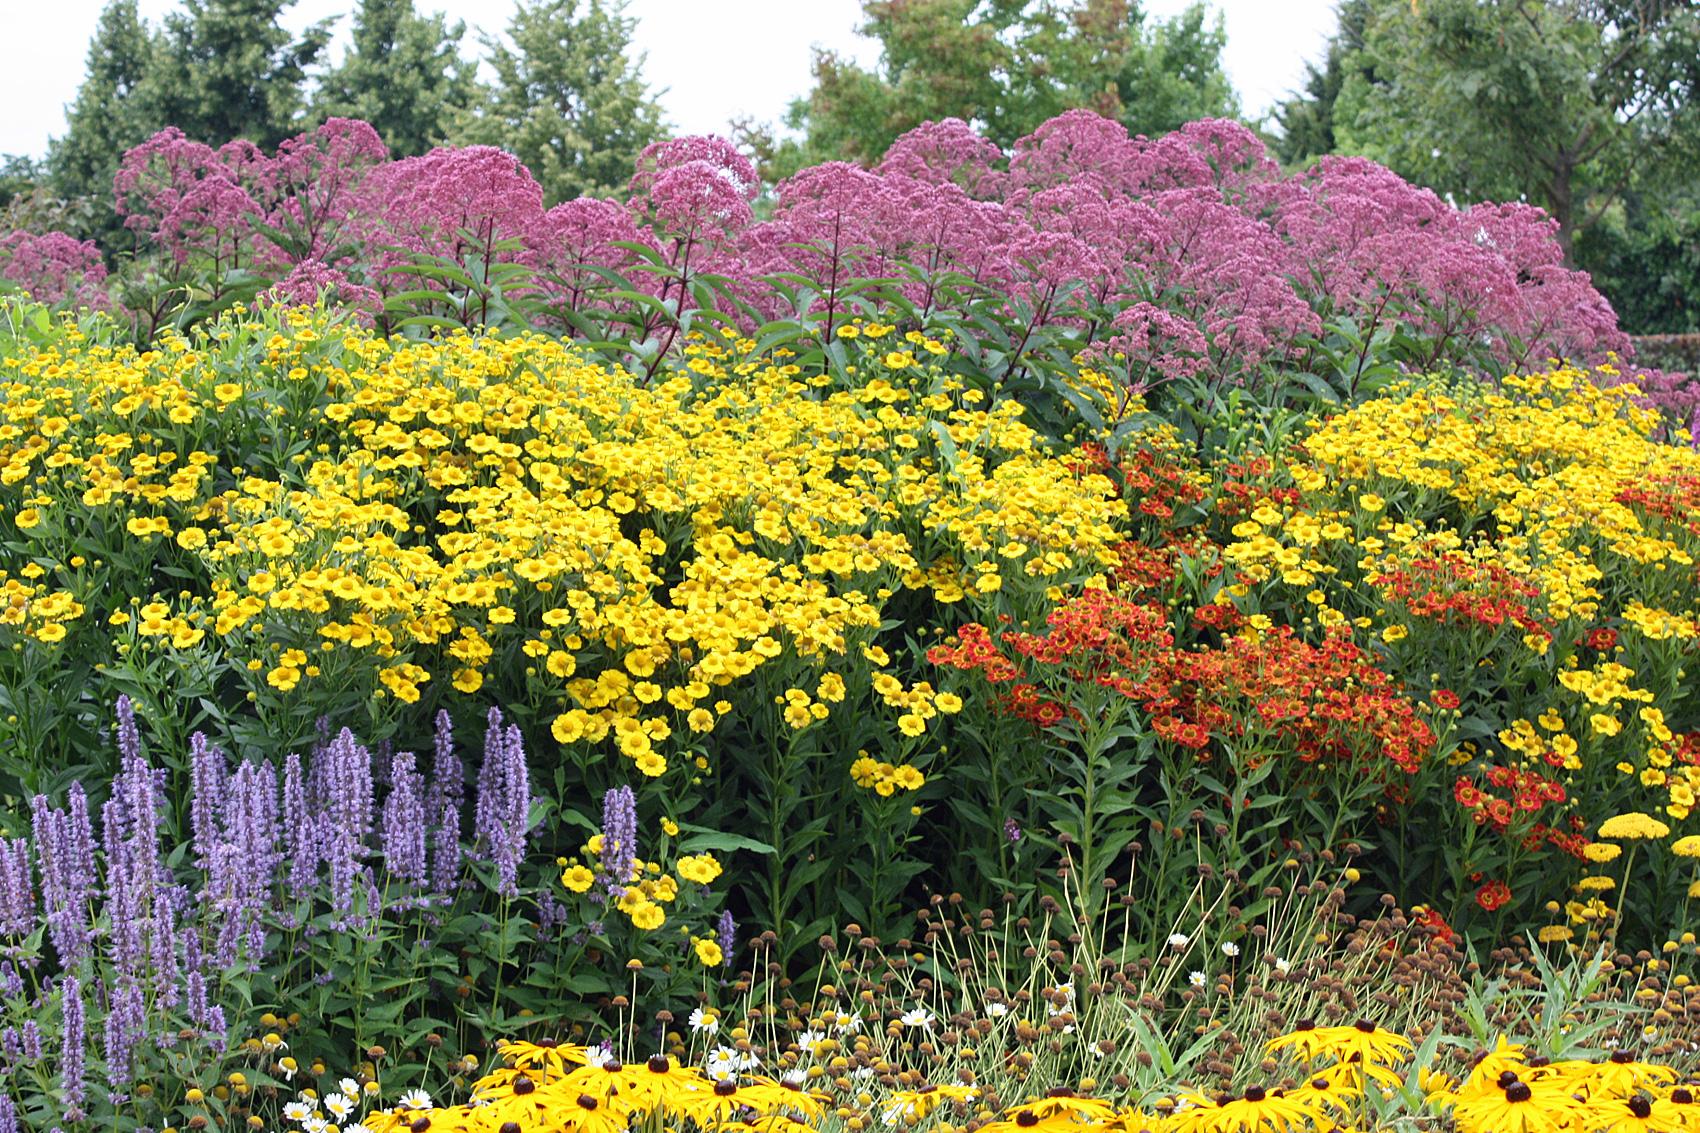 Unsere Empfehlung für Ihr Blumenbeet und für Rabatte